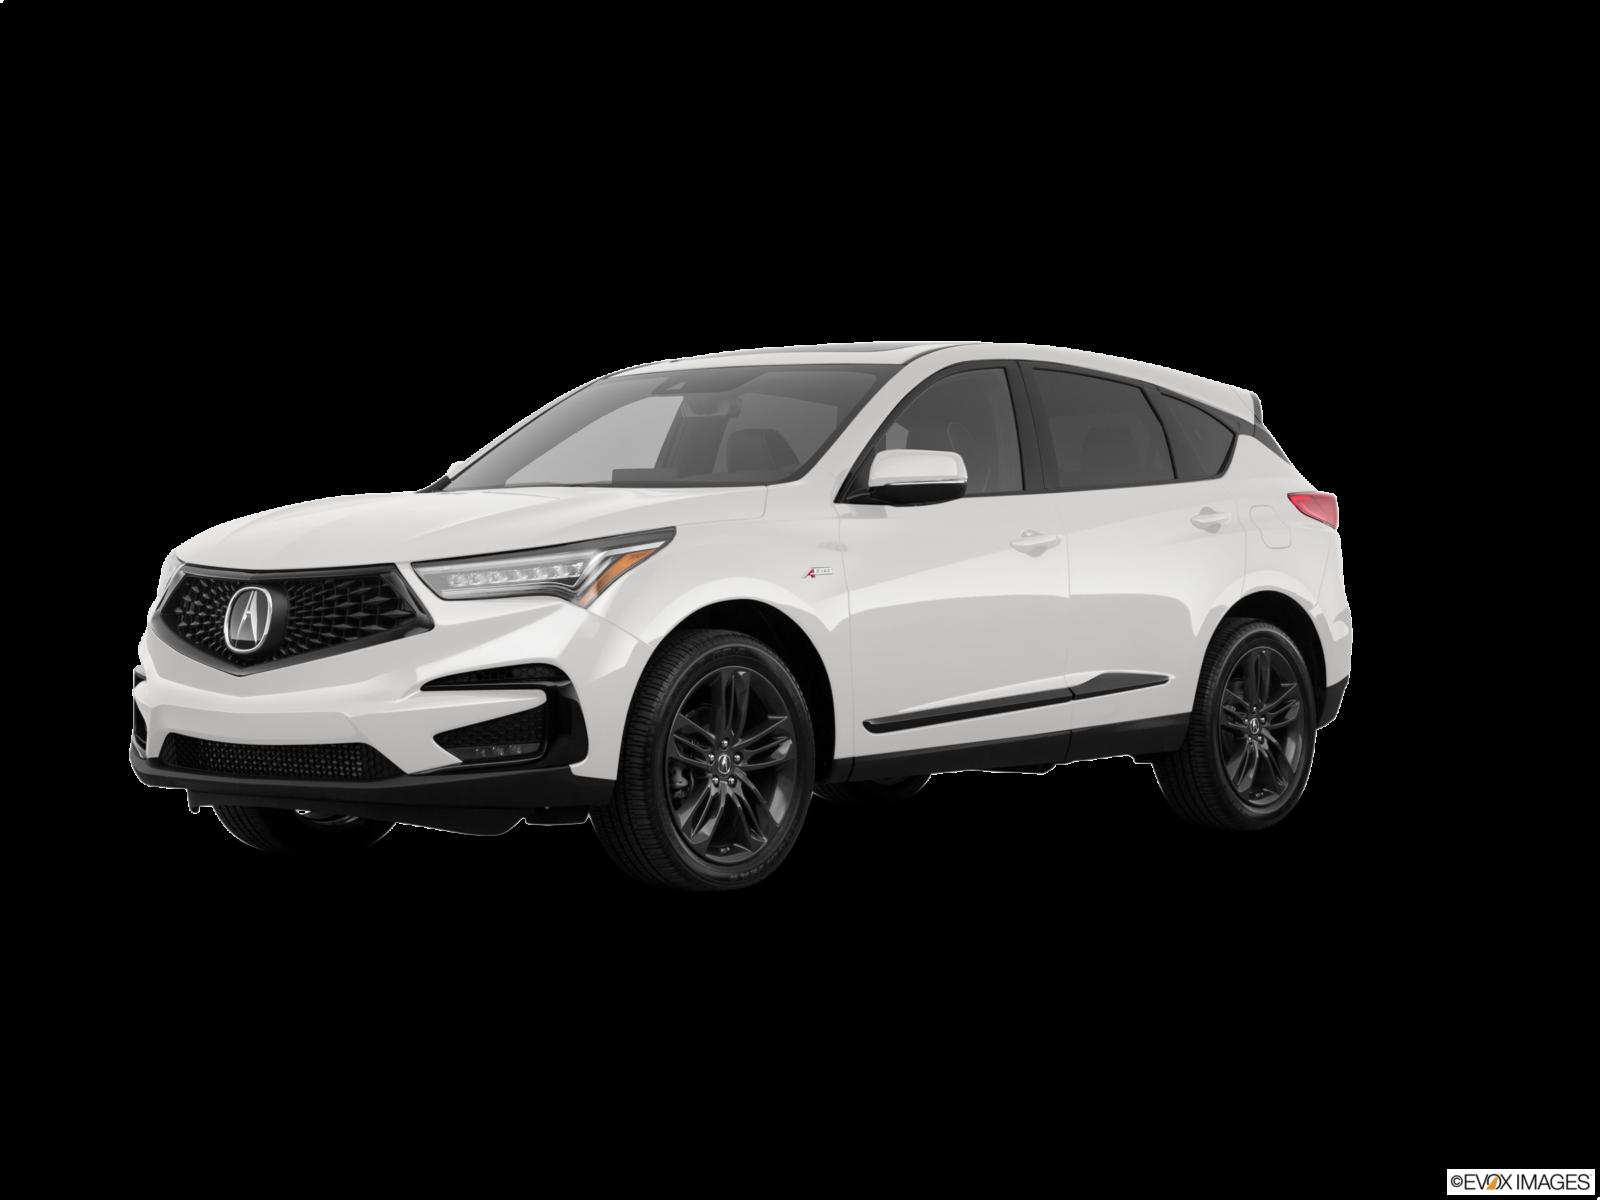 2019 RDX SH-AWD A-Spec